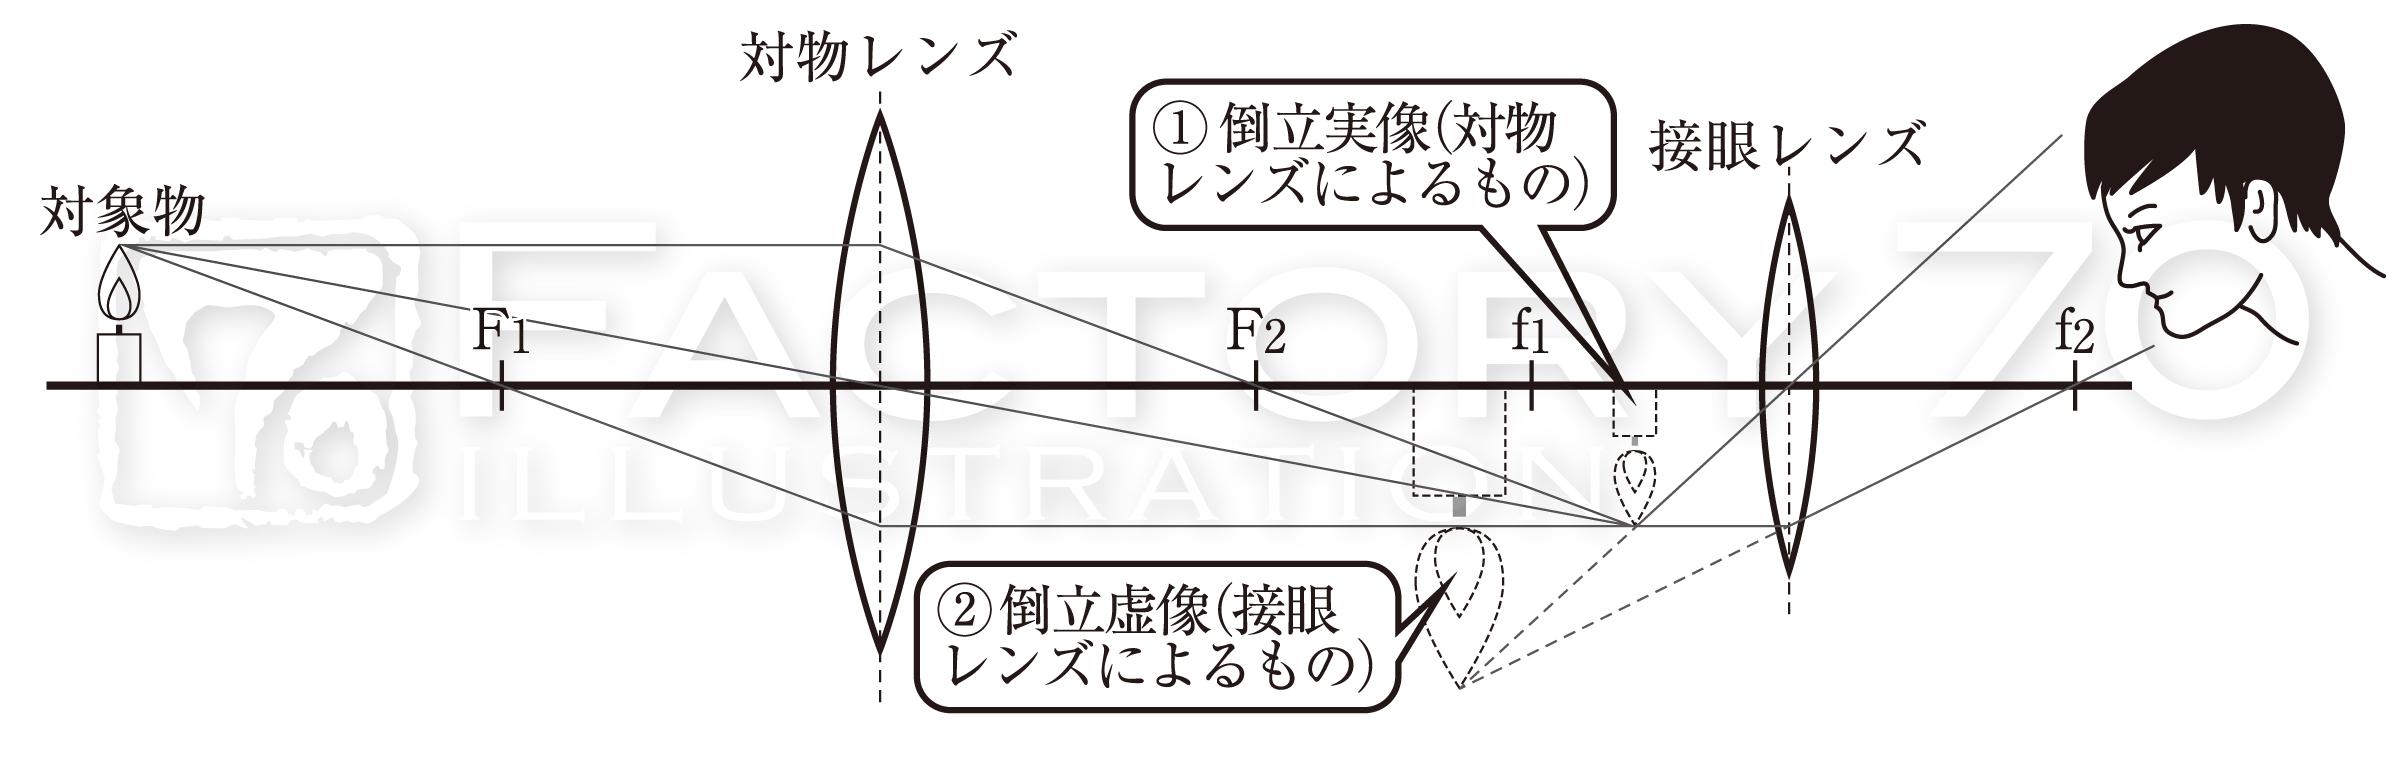 高校教科書(生物)挿絵/イラスト 制作例 レンズの構造に関するイラスト